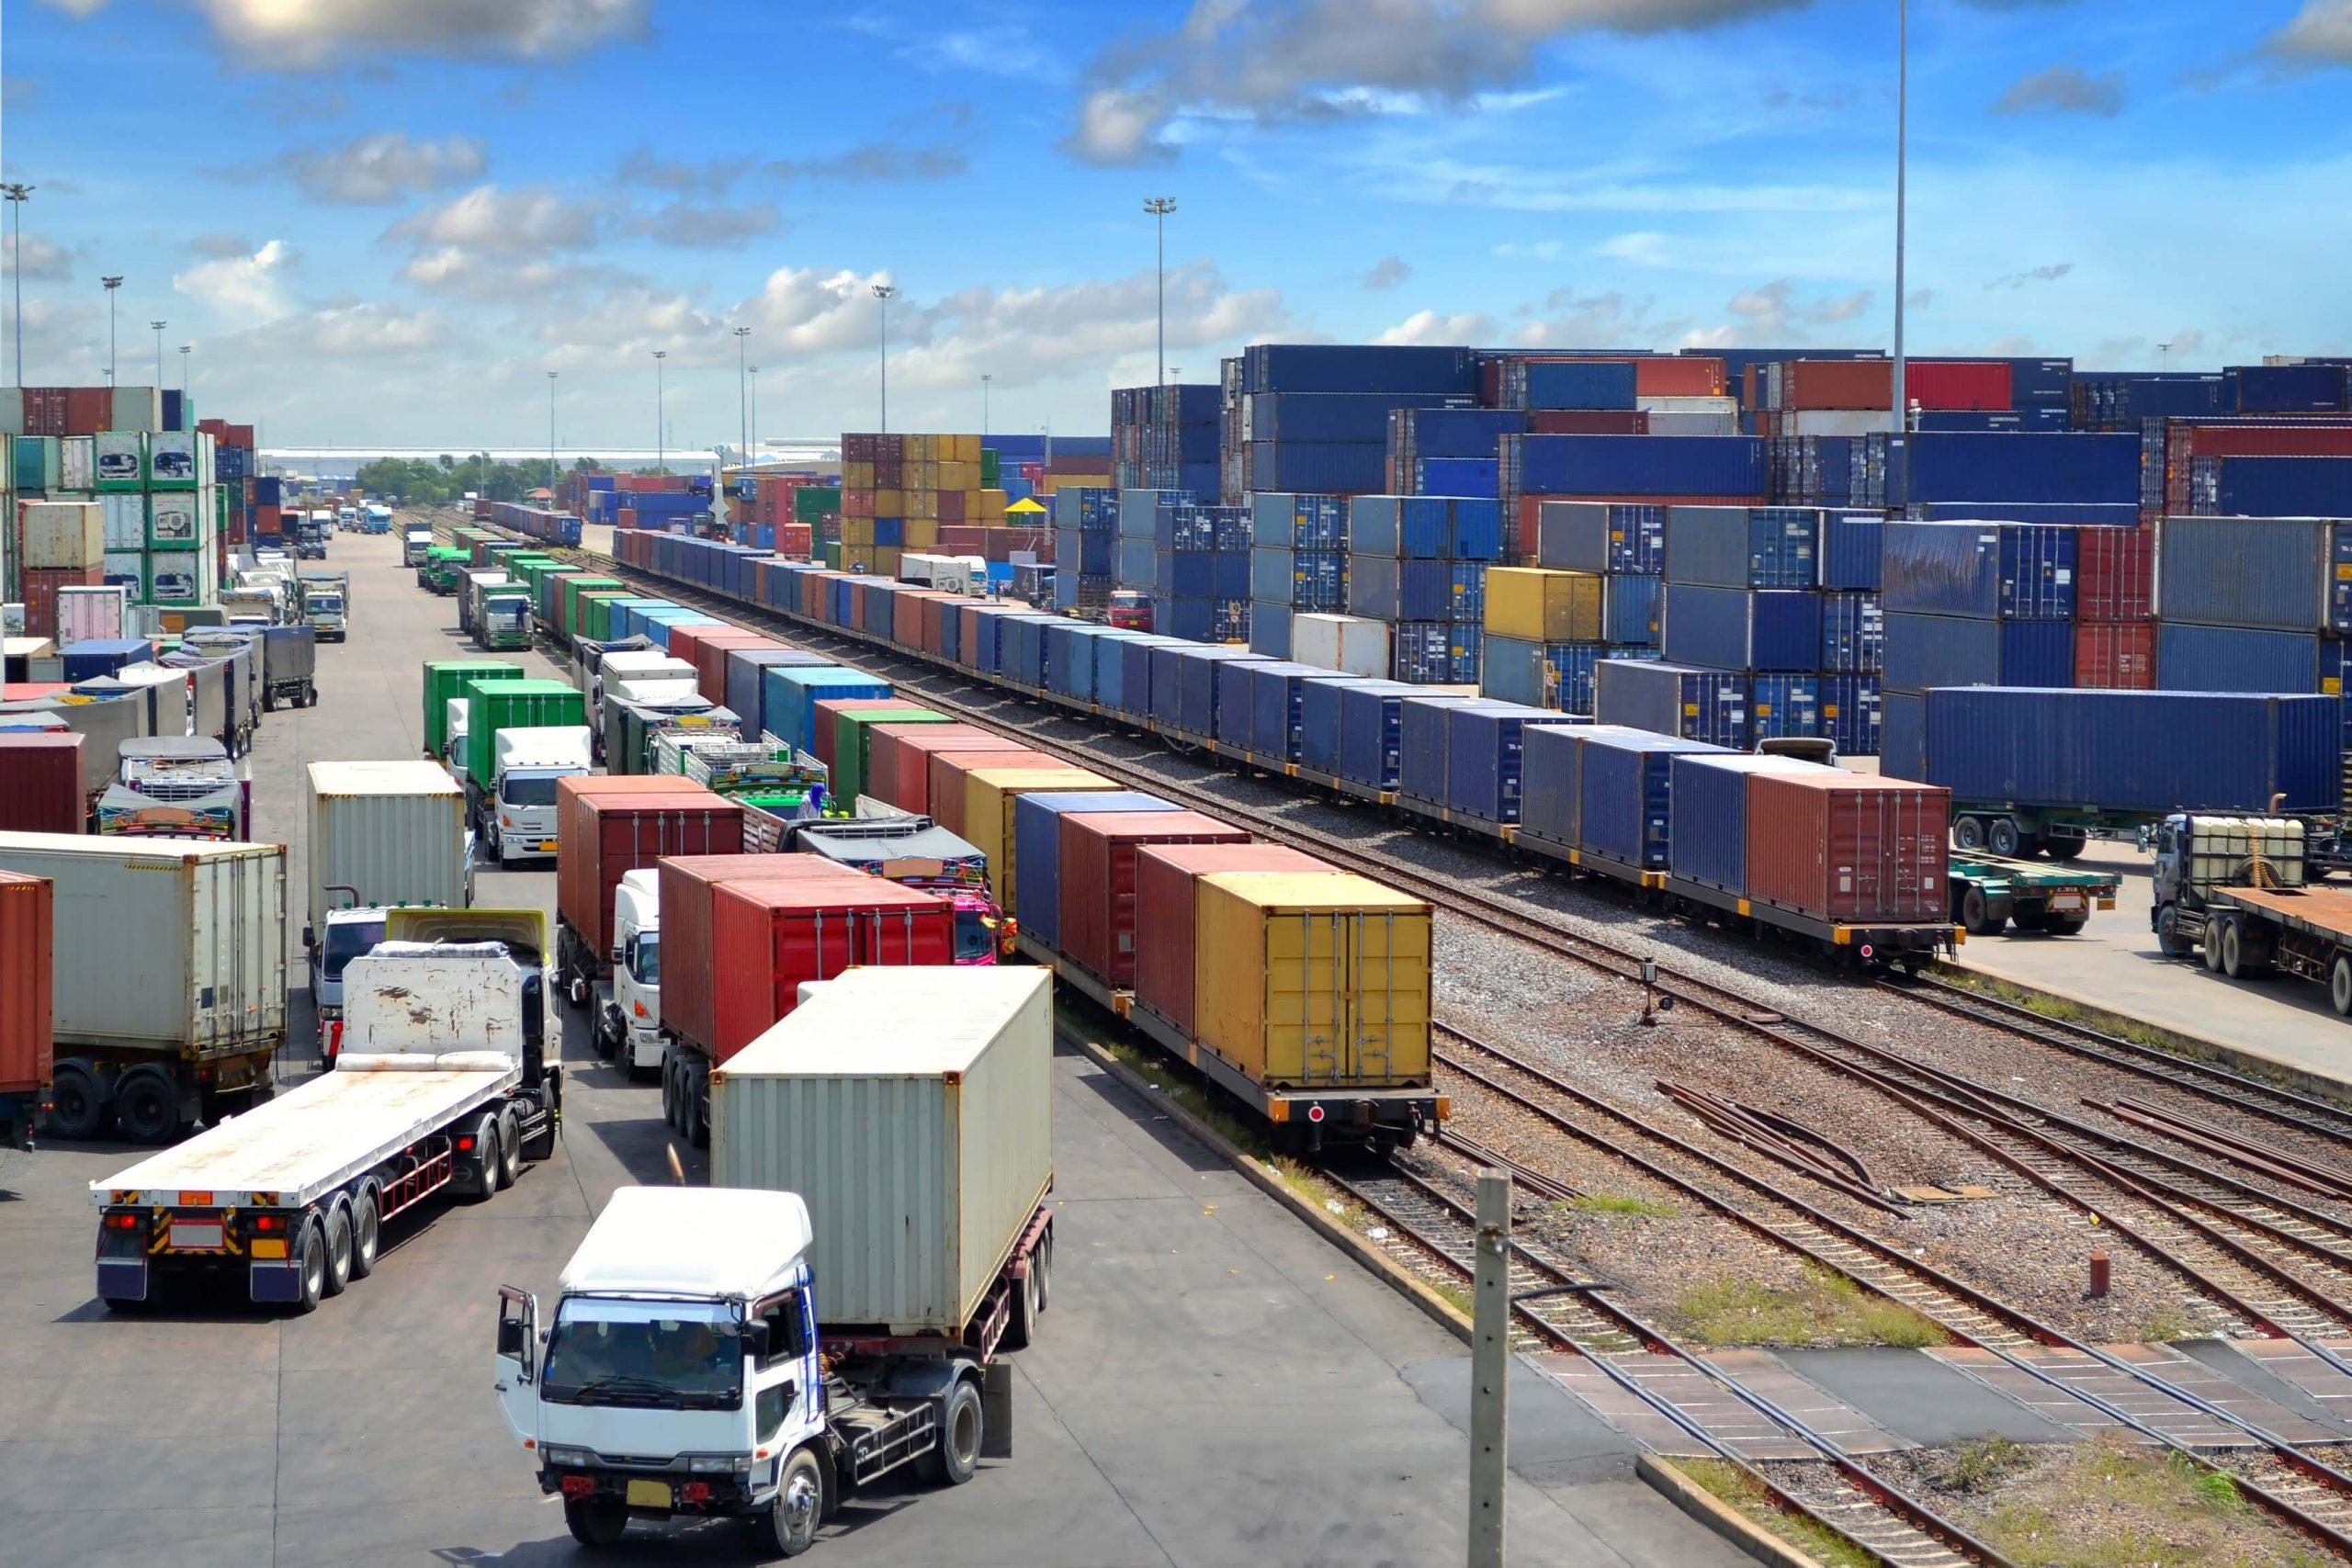 Intermodal Freight - Rail Meeting Road